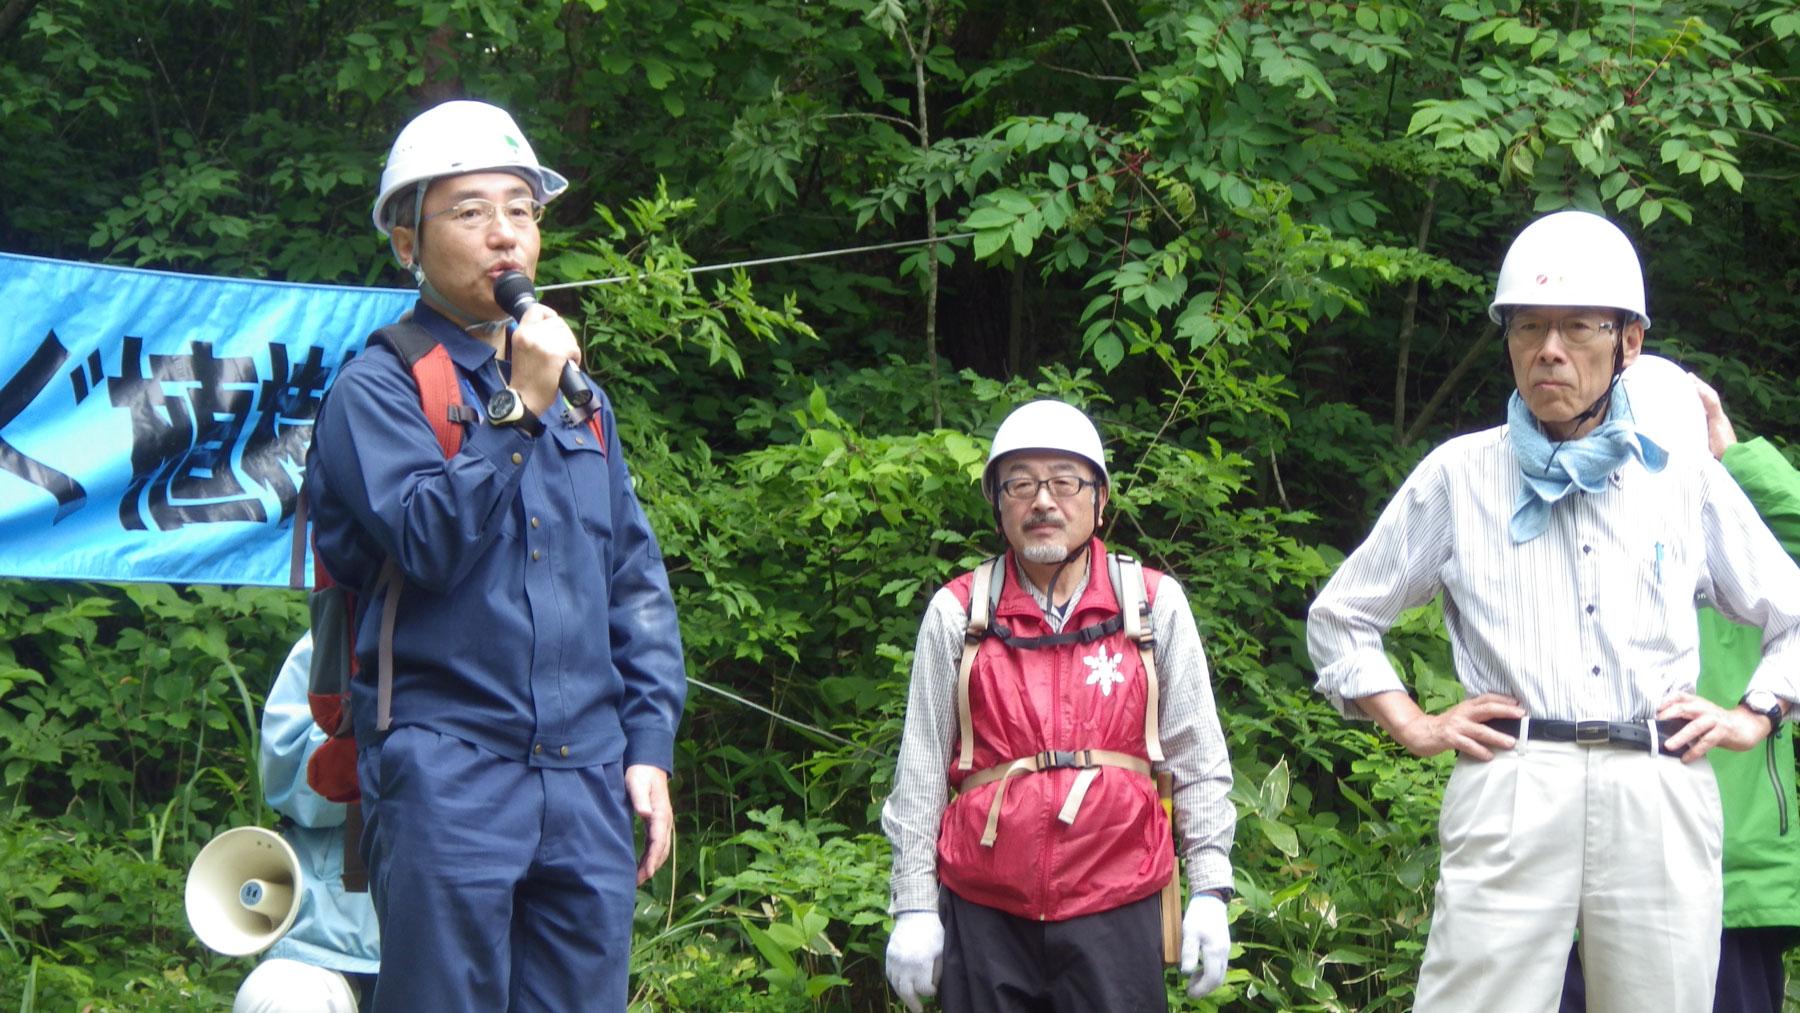 高井秀章青森森林管理署長さんのあいさつ